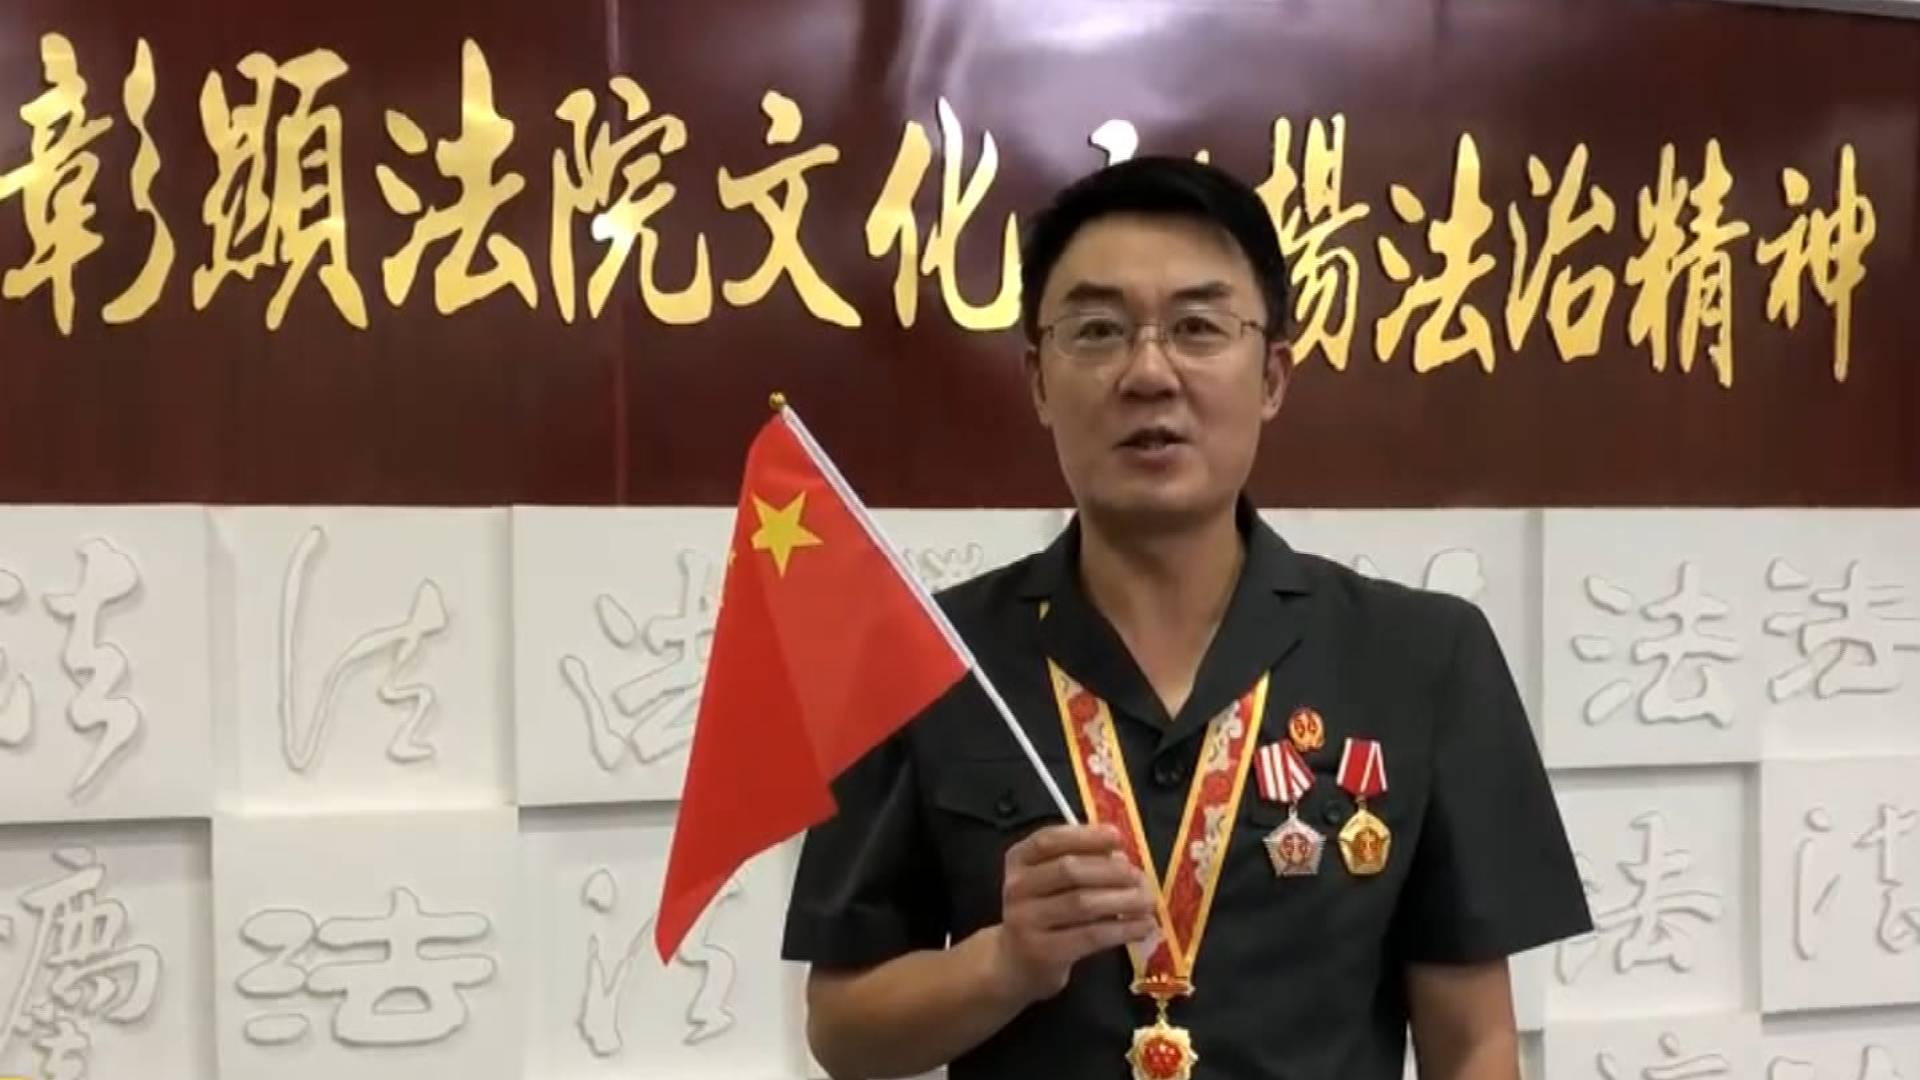 37秒|我爱你中国!看大美临沂这几位这样向祖国告白